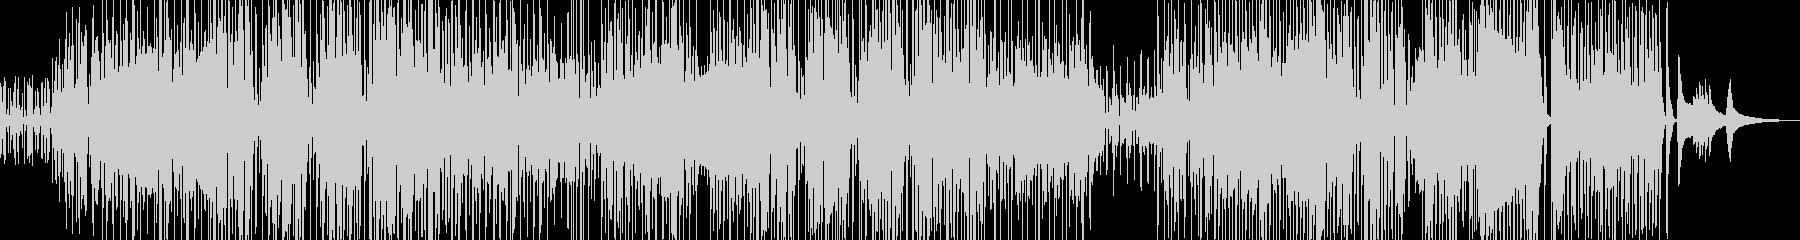 三味線・ユーモラスなジャズの未再生の波形